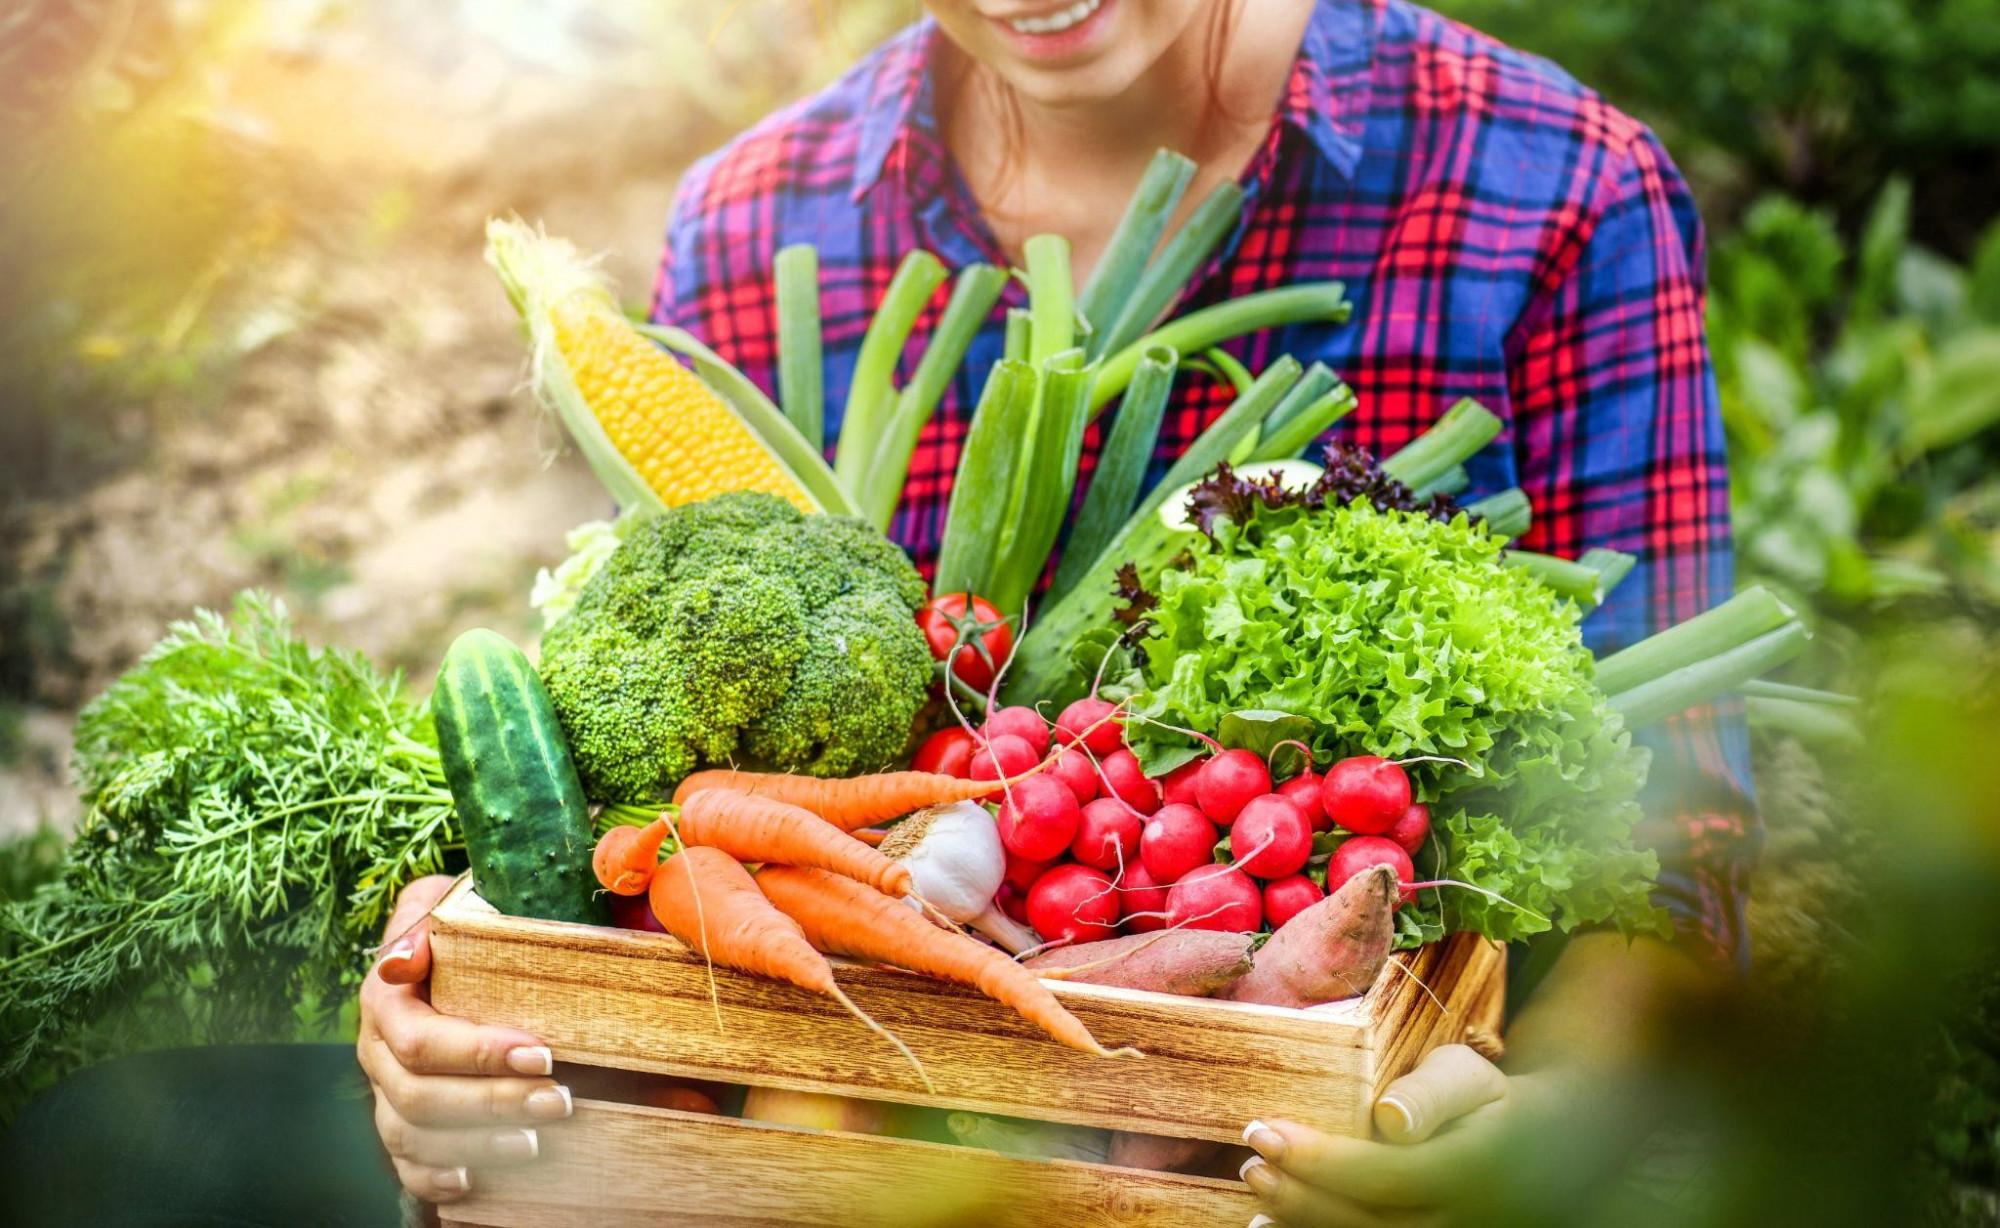 Rau xanh đồng thời giúp duy trì năng lượng và tâm trạng tích cực mỗi ngày - Ảnh: Shutterstock